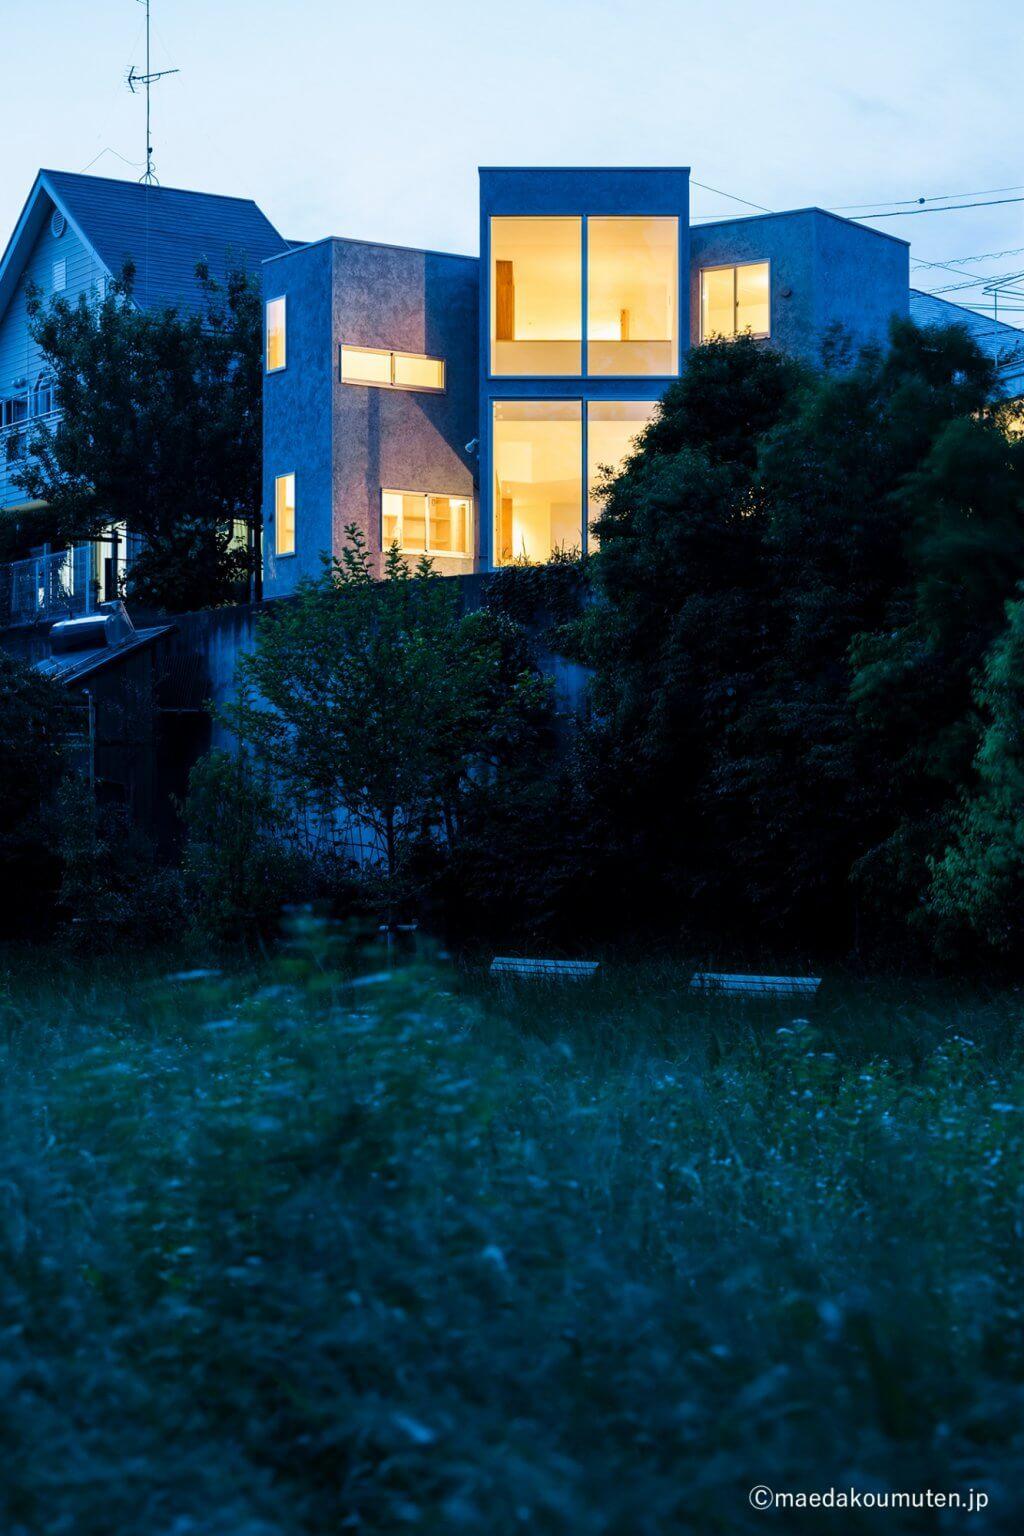 神奈川県、工務店、注文住宅、デザイン住宅、建築家、谷戸の家_32